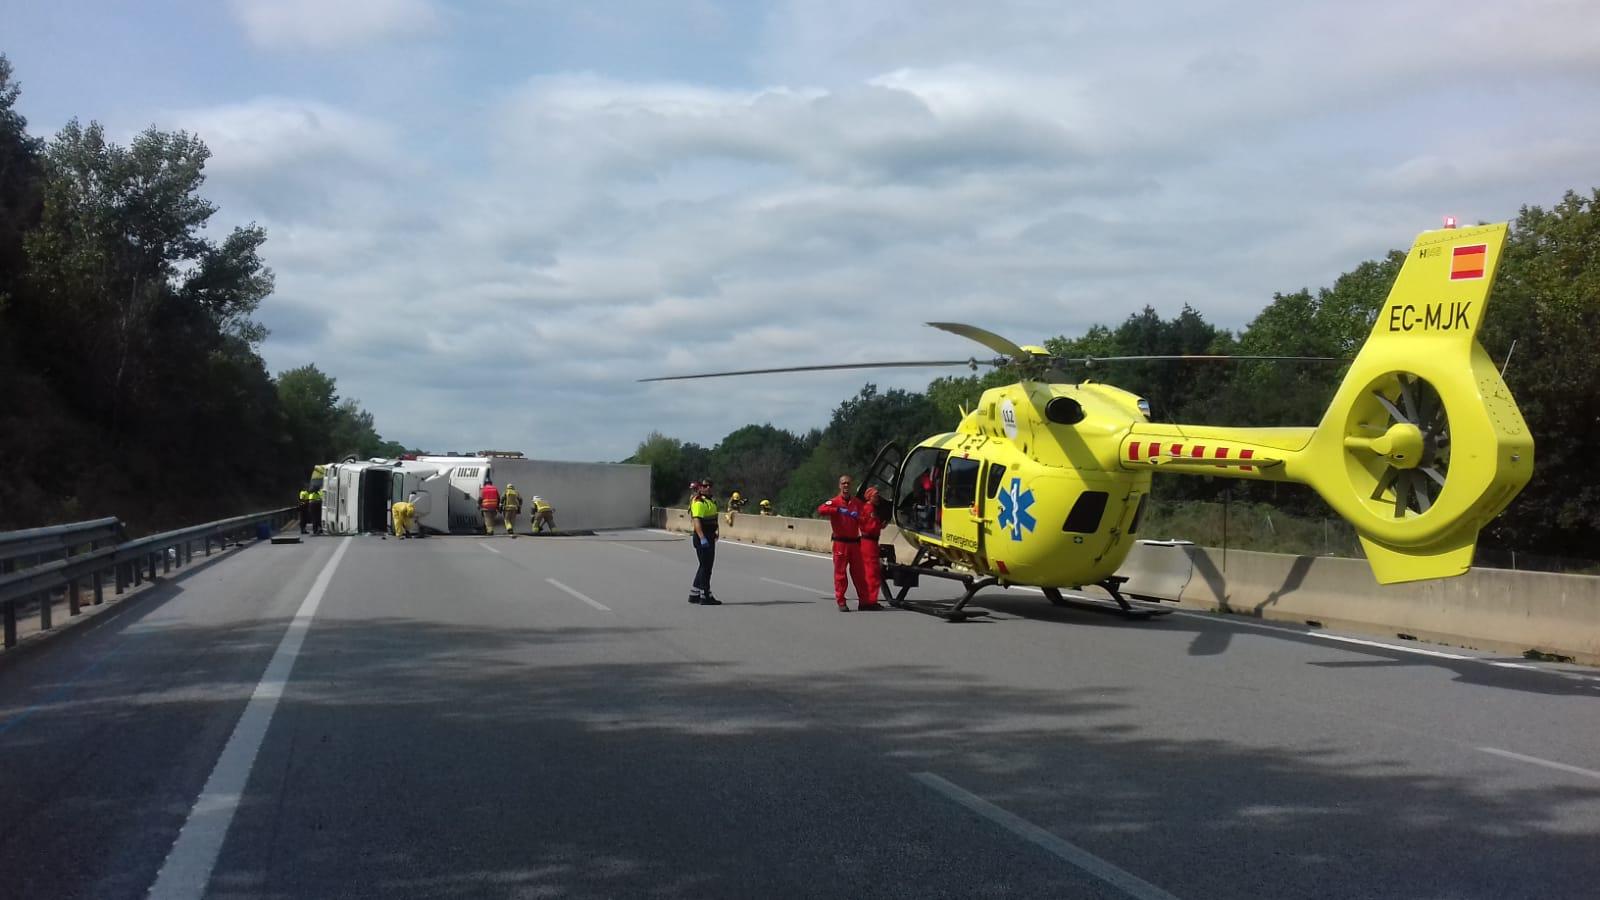 S'ha mobilitzat un helicòpter que ha traslladat al xofer a l'hospital. Al fons, el camió de fruita bolcat